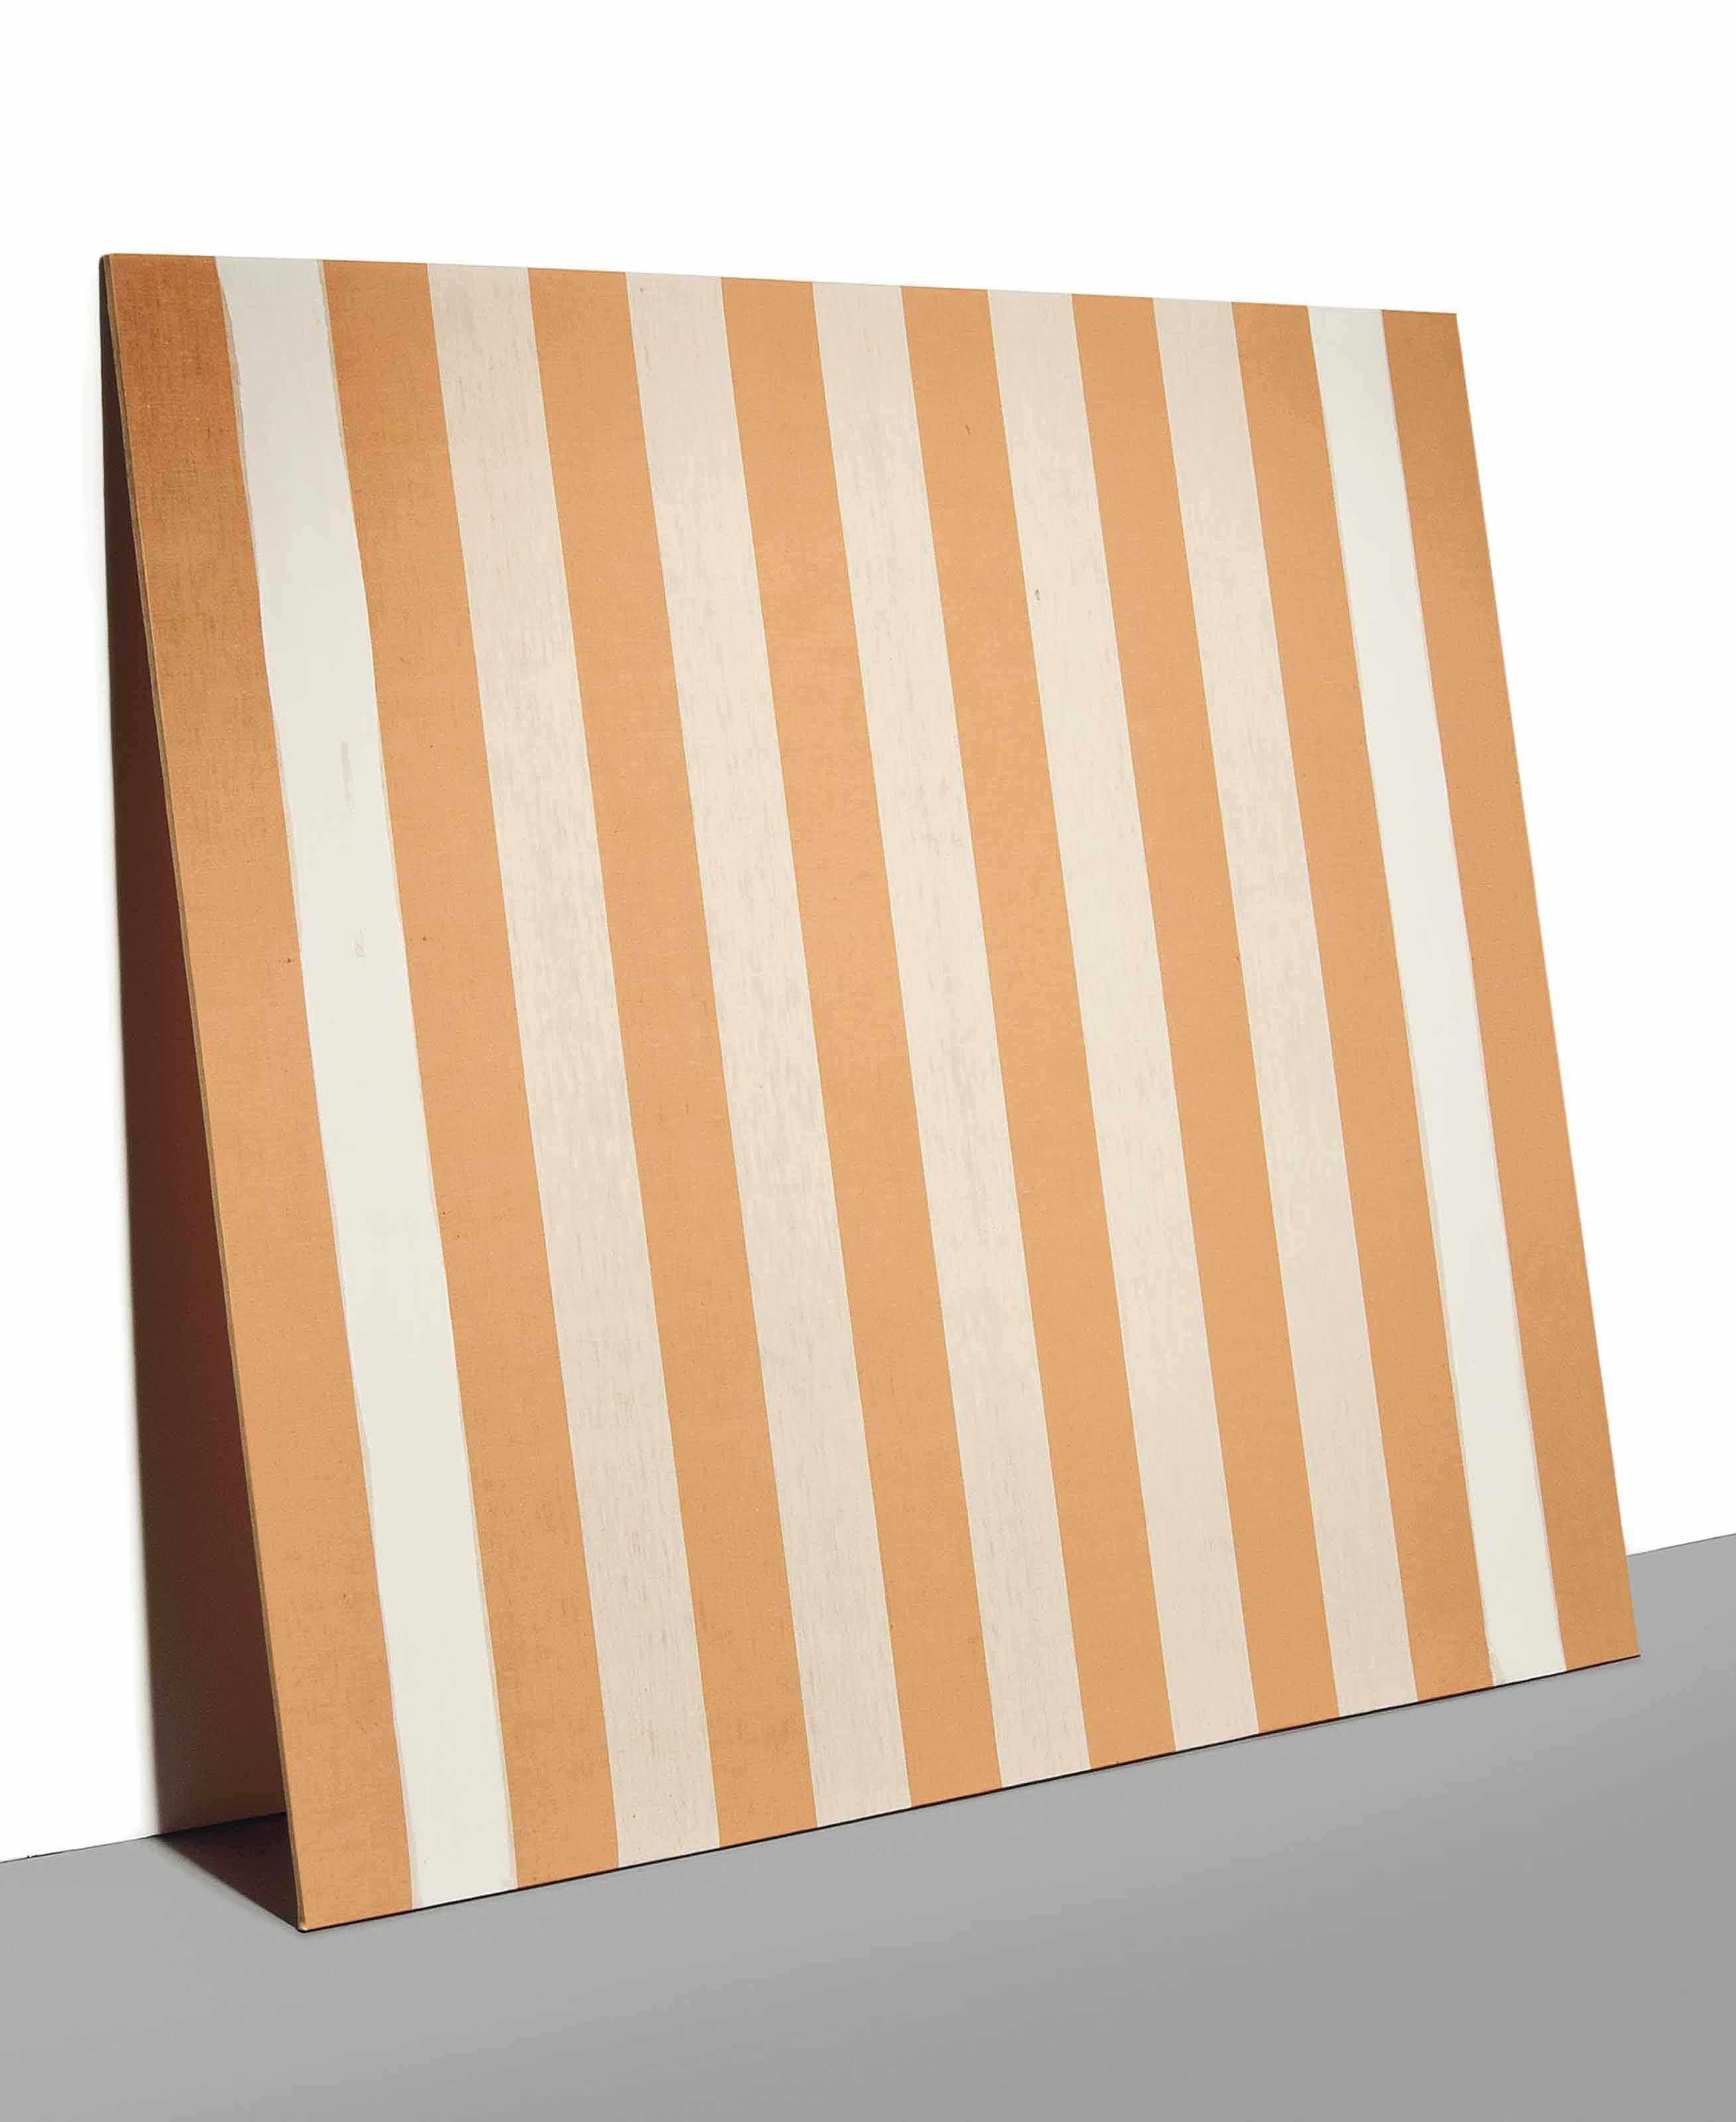 daniel buren b 1939 peinture acrylique blanche sur. Black Bedroom Furniture Sets. Home Design Ideas